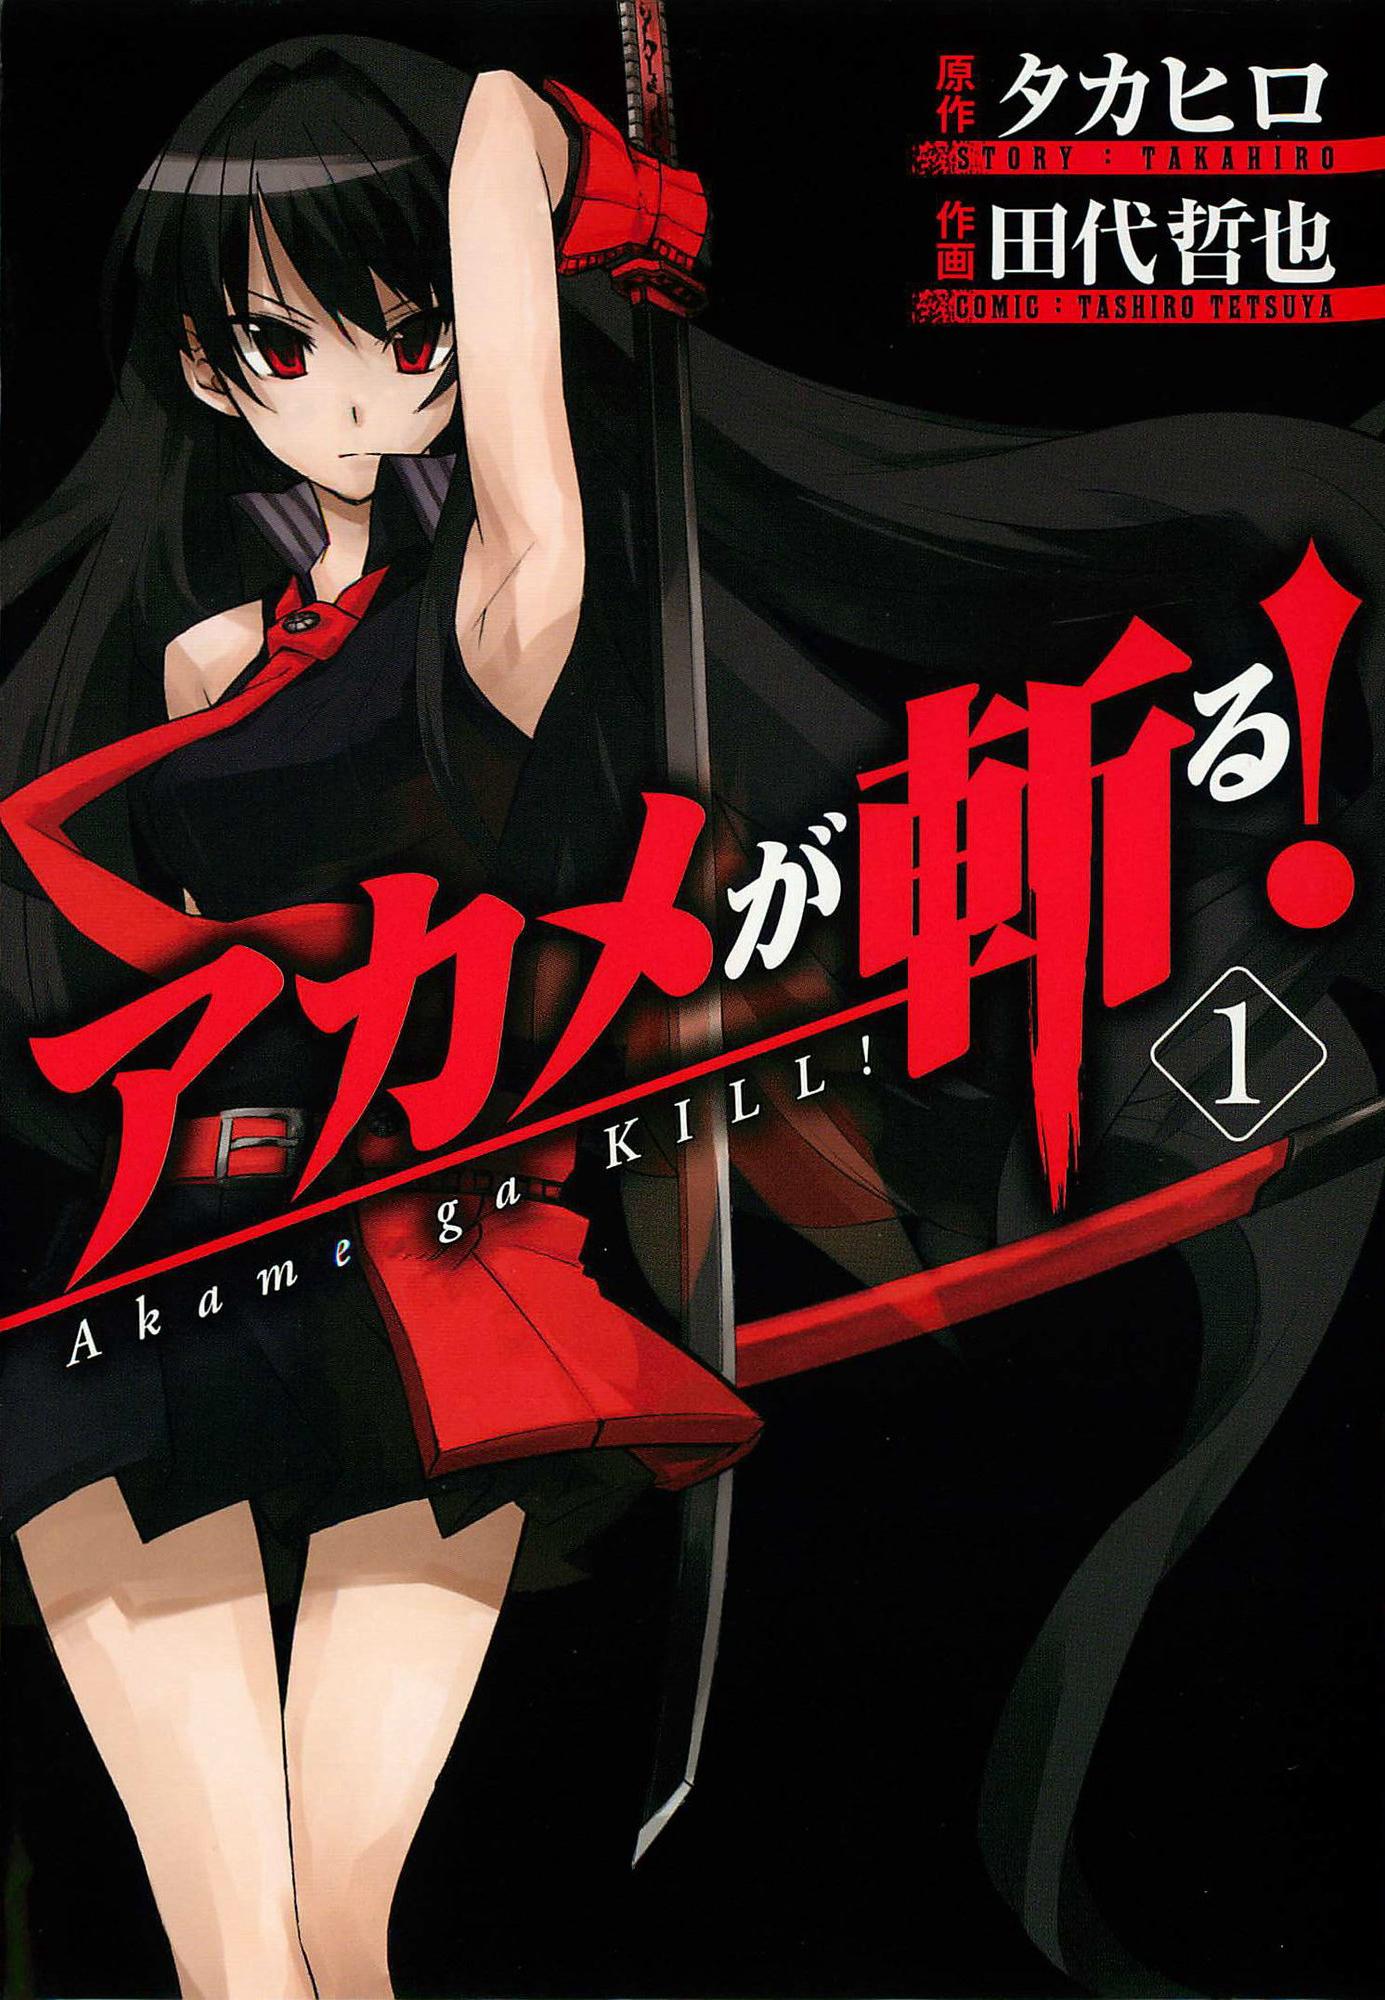 akame ga kill manga volume 1 ile ilgili görsel sonucu